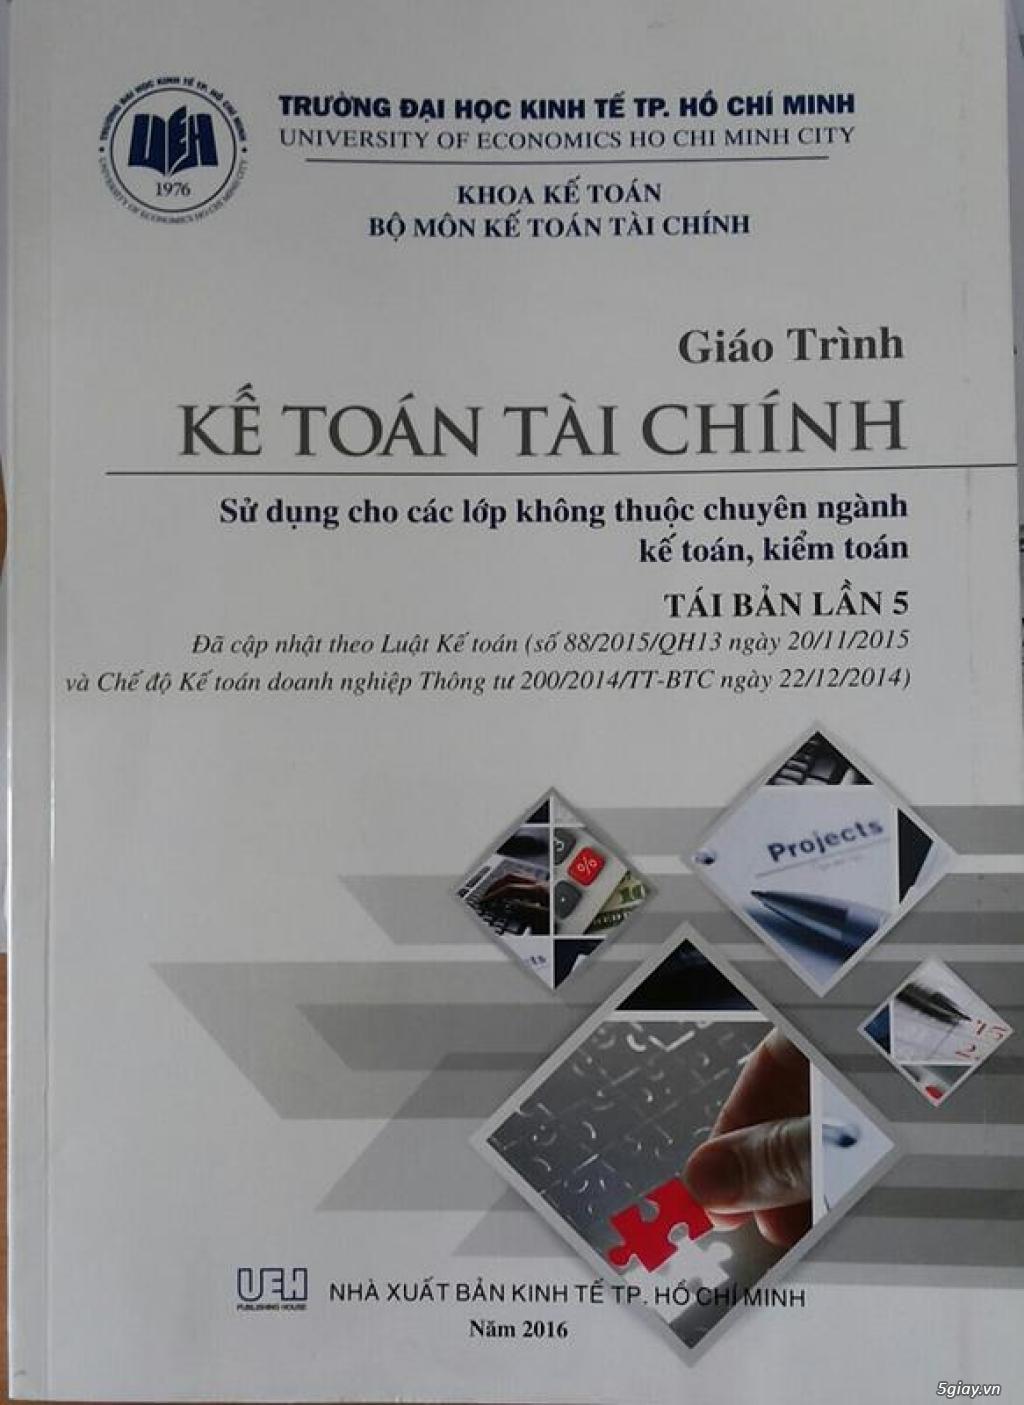 Thanh lý giáo trình đại học (kinh tế, kỹ thuật, Mác Lê Nin), truyện chữ Thuỷ Hử - 6